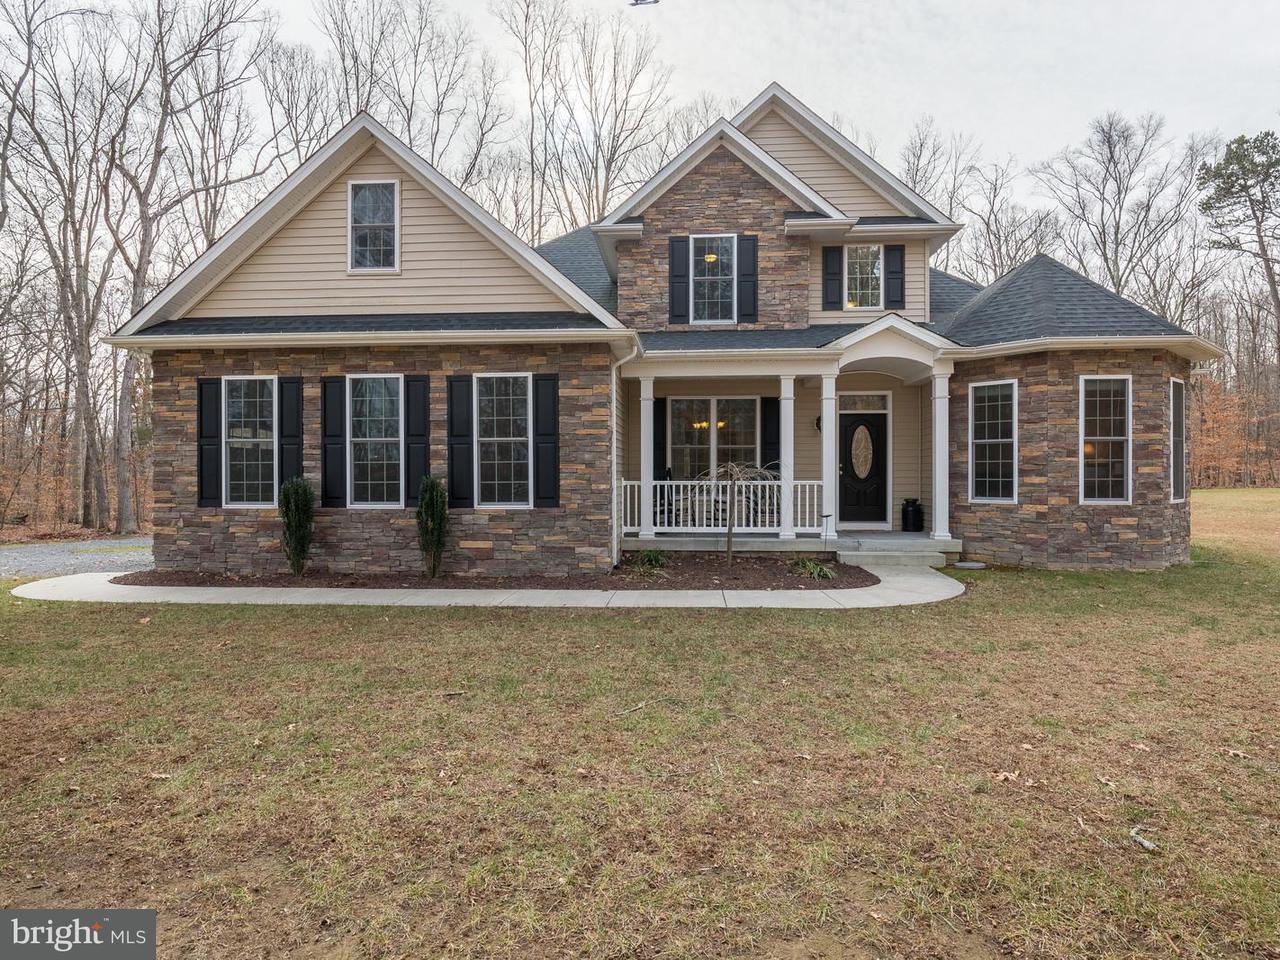 Einfamilienhaus für Verkauf beim 3291 THOMPSONS MILL Road 3291 THOMPSONS MILL Road Goldvein, Virginia 22720 Vereinigte Staaten